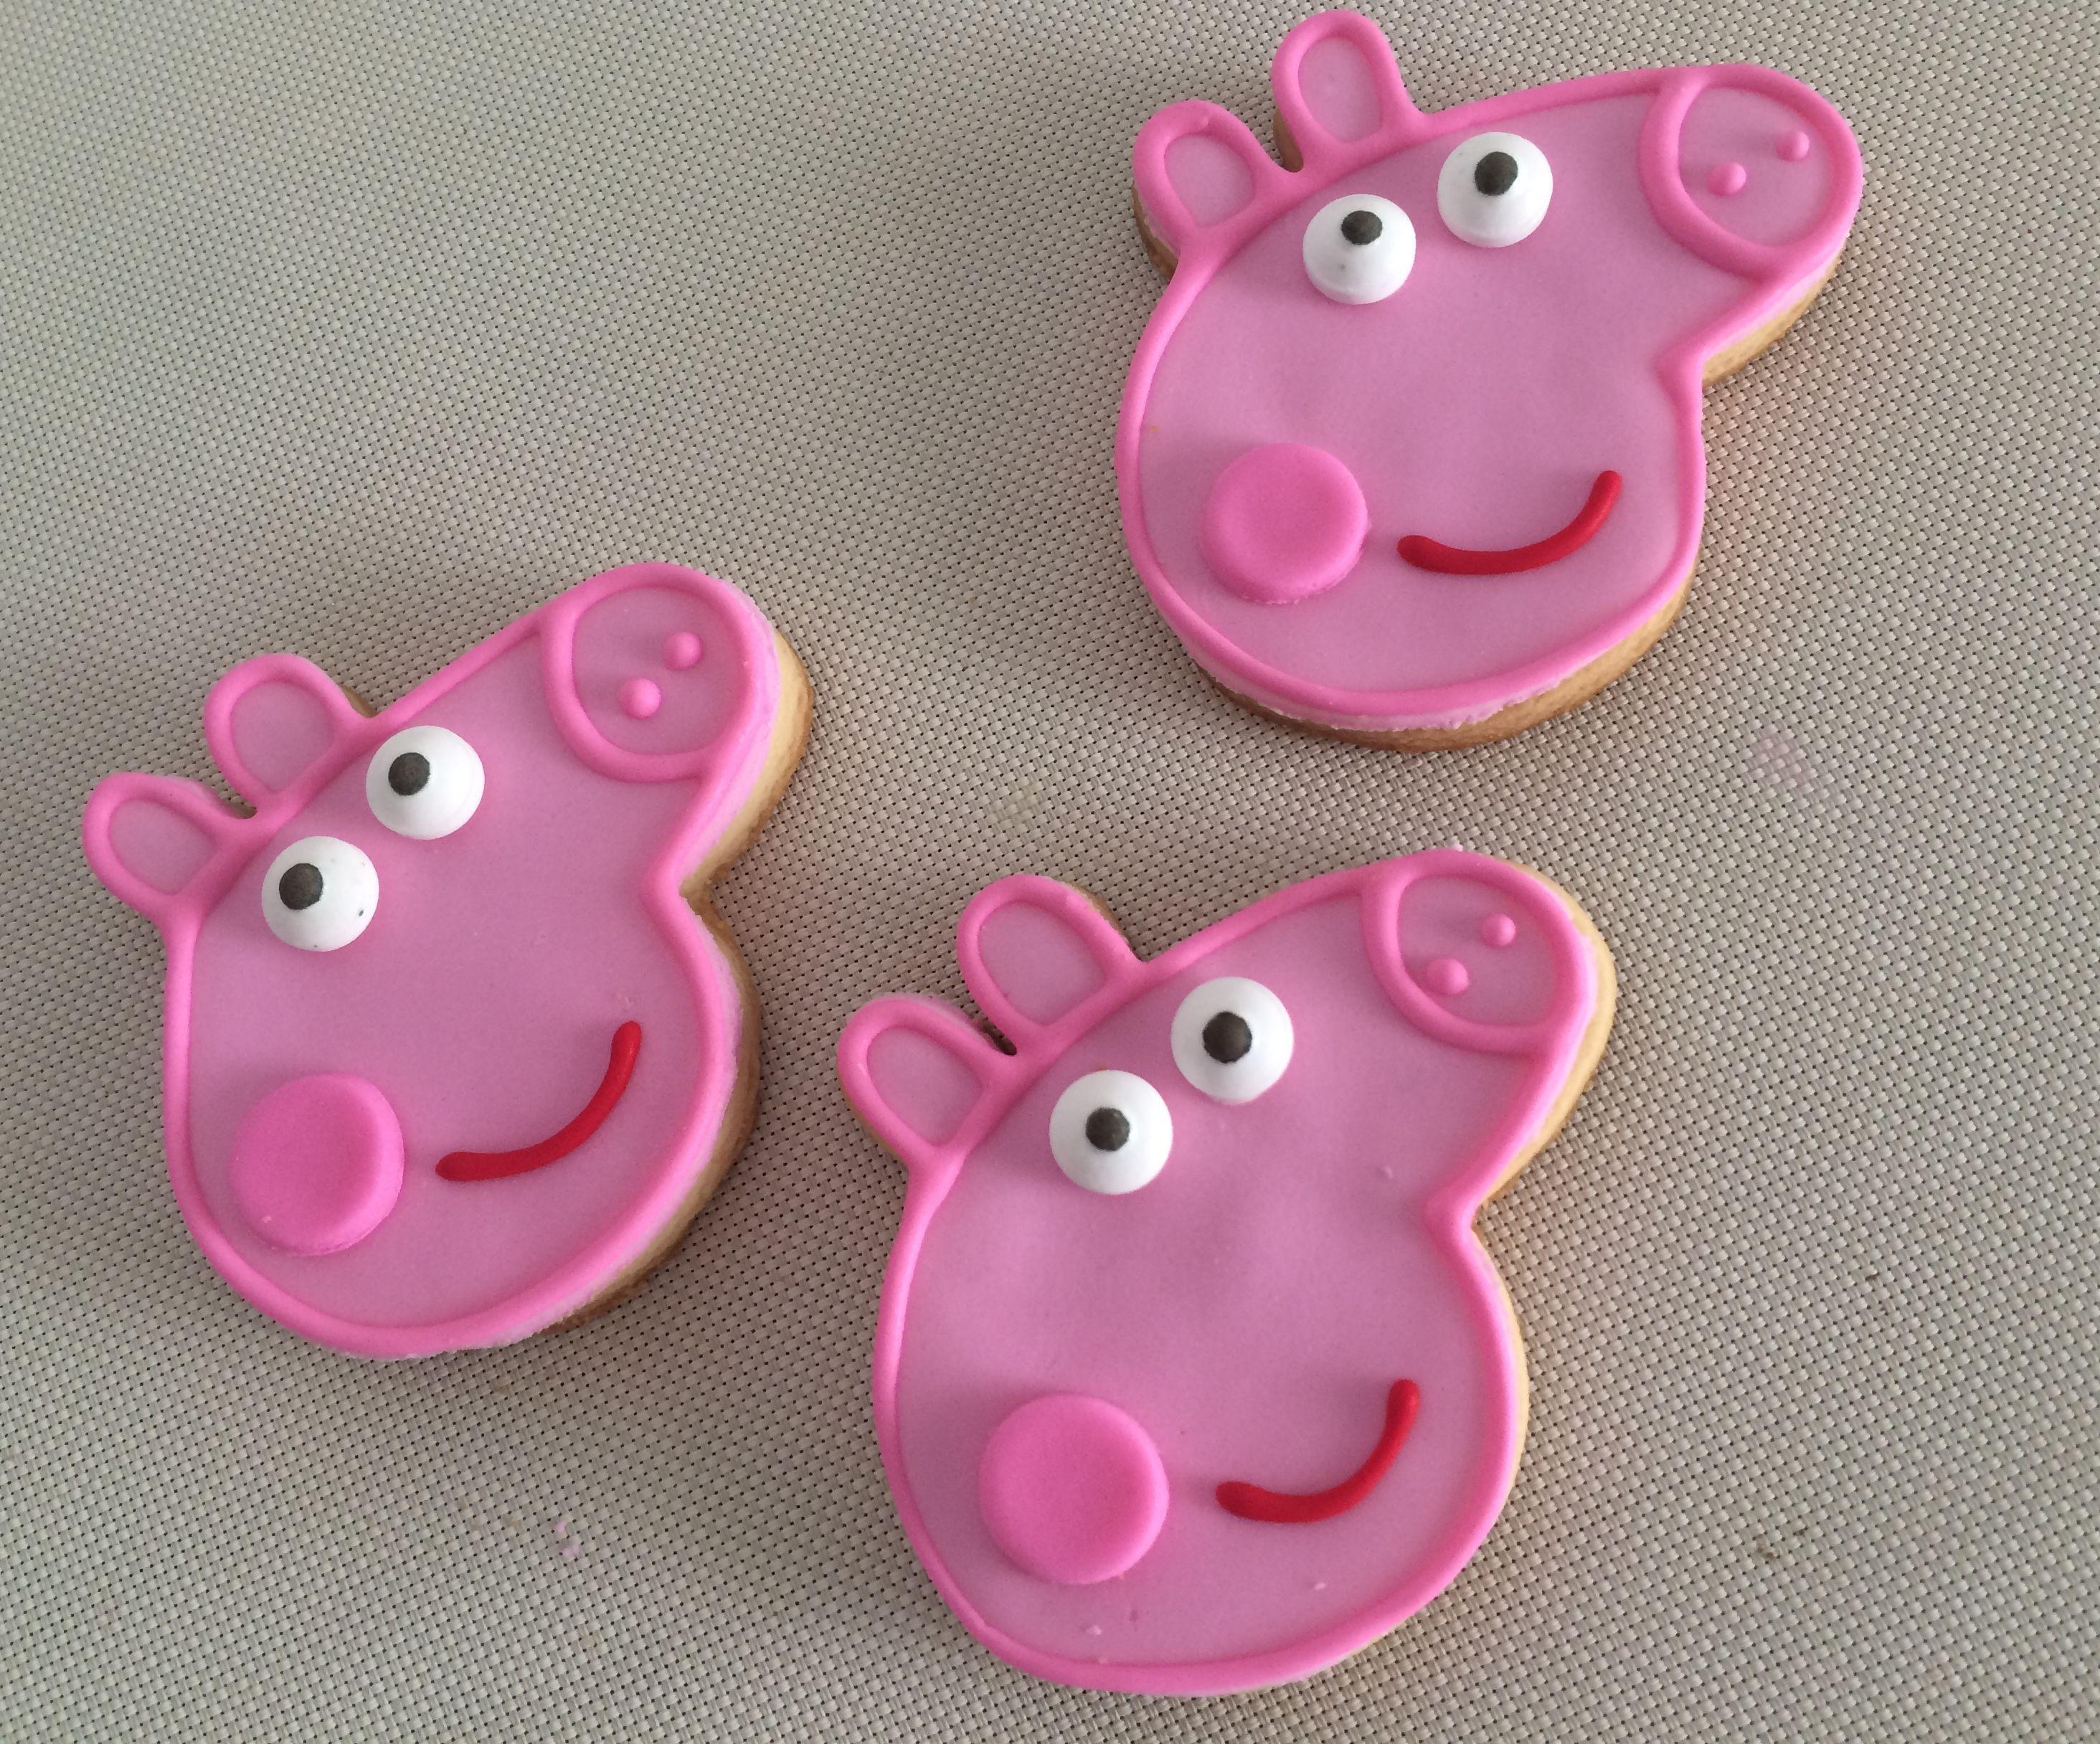 Peppa Pig Cookies  Violeta Glace